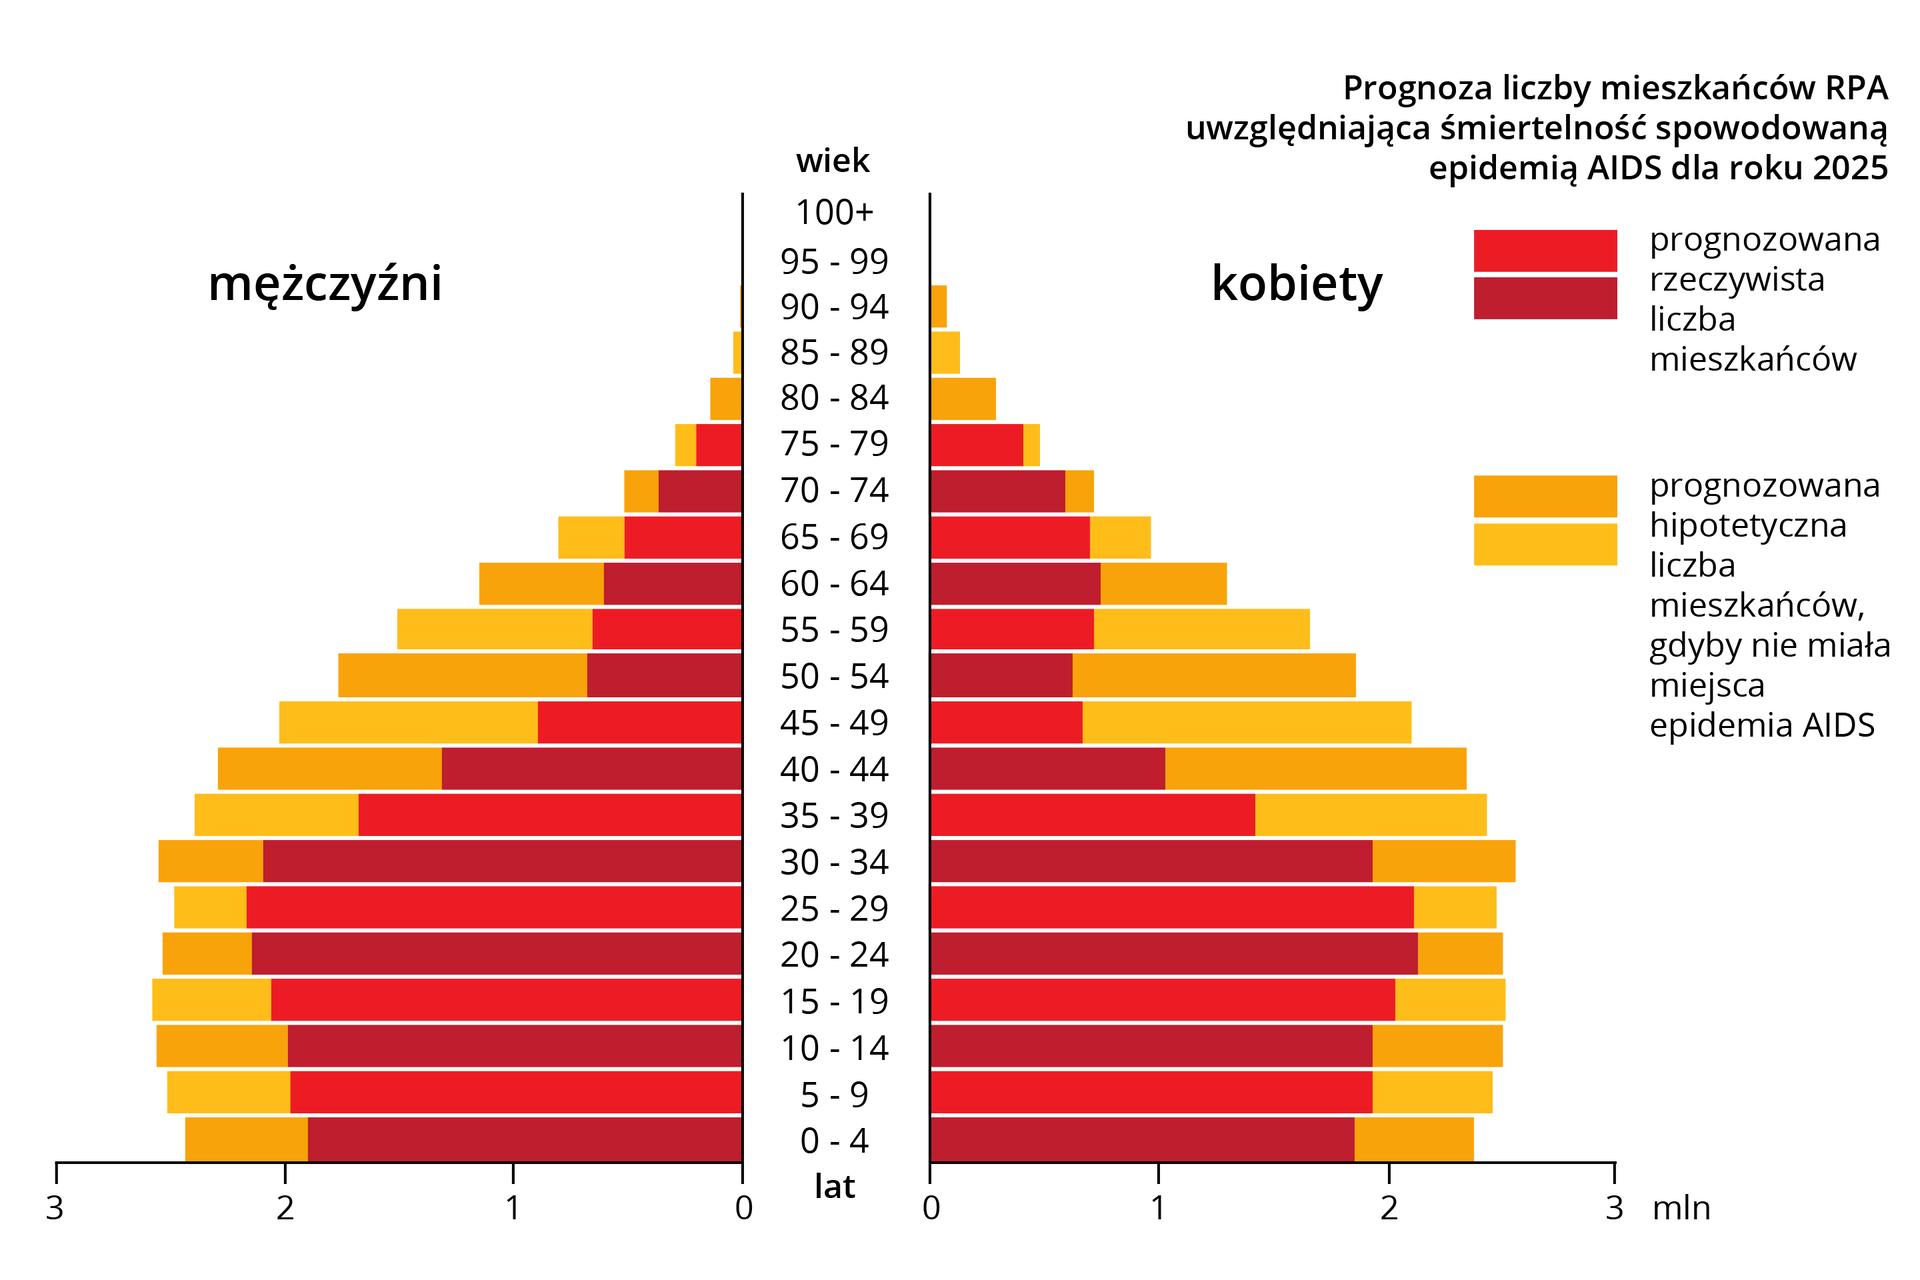 Wykres przedstawiający piramidę wieku zawierającą przewidywany wpływ AIDS na strukturę demograficzną RPA. Czerwonymi poziomymi słupkami oznaczona jest prognozowana rzeczywista liczba mieszkańców wposzczególnych przedziałach wiekowych. Żółtymi poziomymi słupkami, pokrywającymi się zczerwonymi, ale zdecydowanie od nich dłuższymi oznaczona jest prognozowana hipotetyczna liczba mieszkańców, gdyby nie miała miejsca epidemia AIDS.